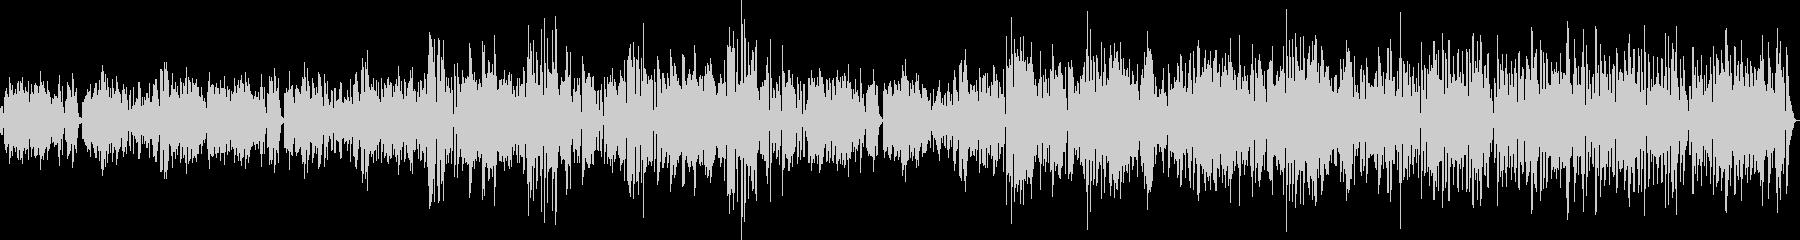 スコットジョプリン:グラジオラス・ラグの未再生の波形